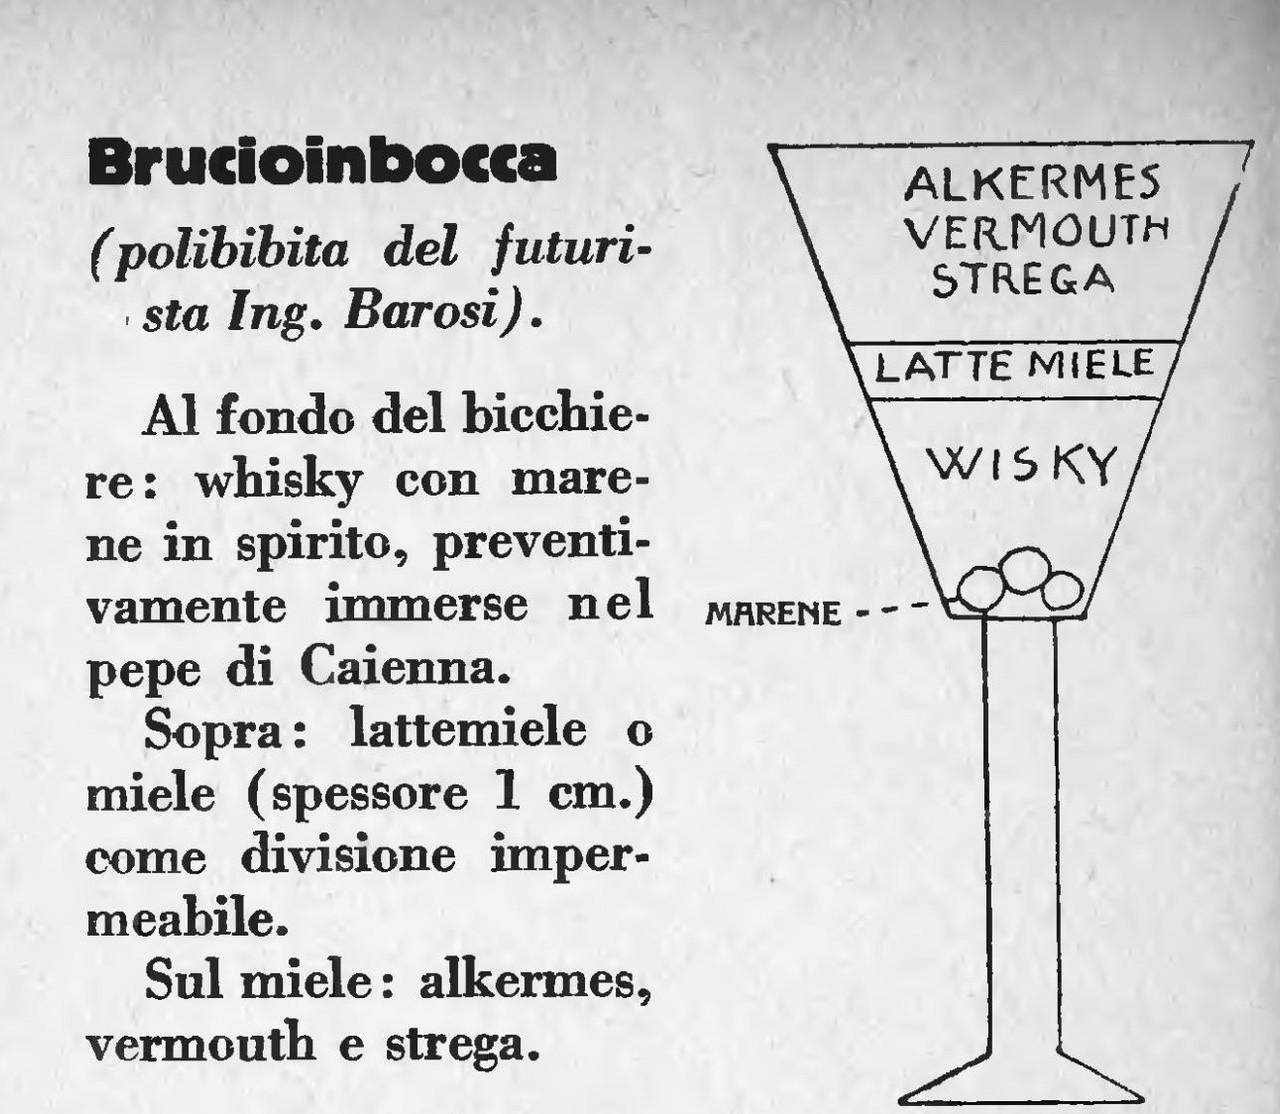 Brucioinbocca 2